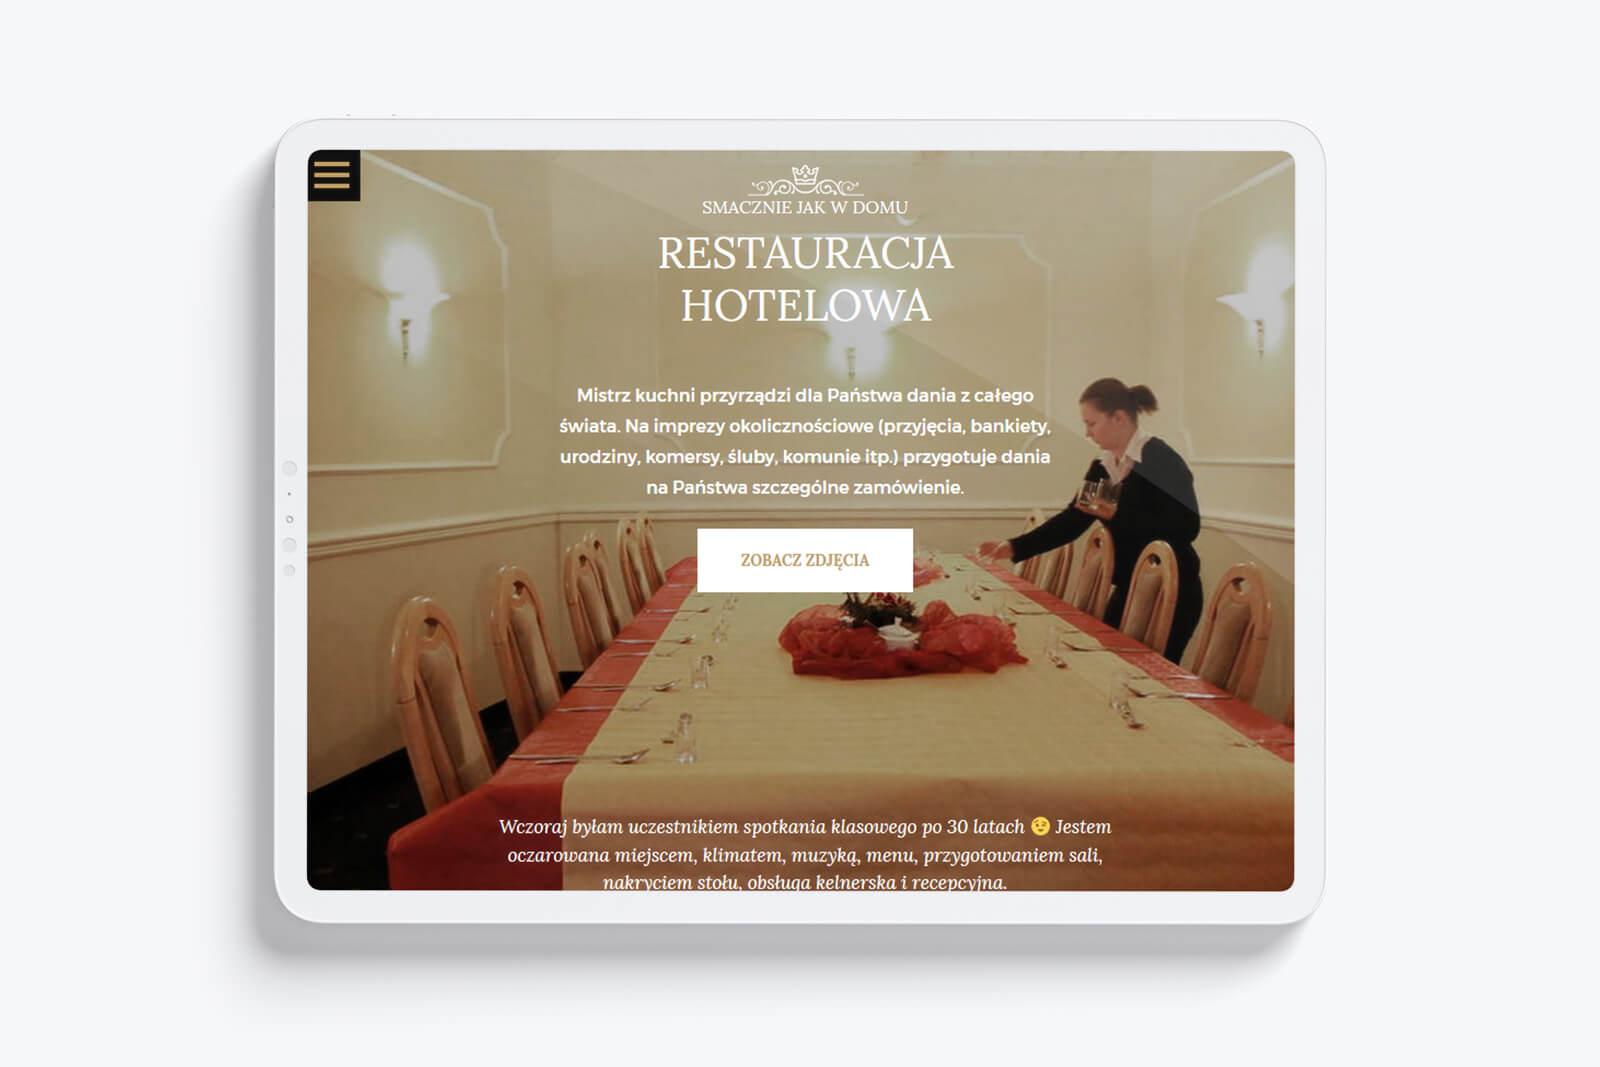 Hotel Royal Gliwice - zaprojektowaliśmy całkowicie nową, nowoczesną, unikatową strone internetową w oparicu o CMS WordPress dla hotelu z Gliwic